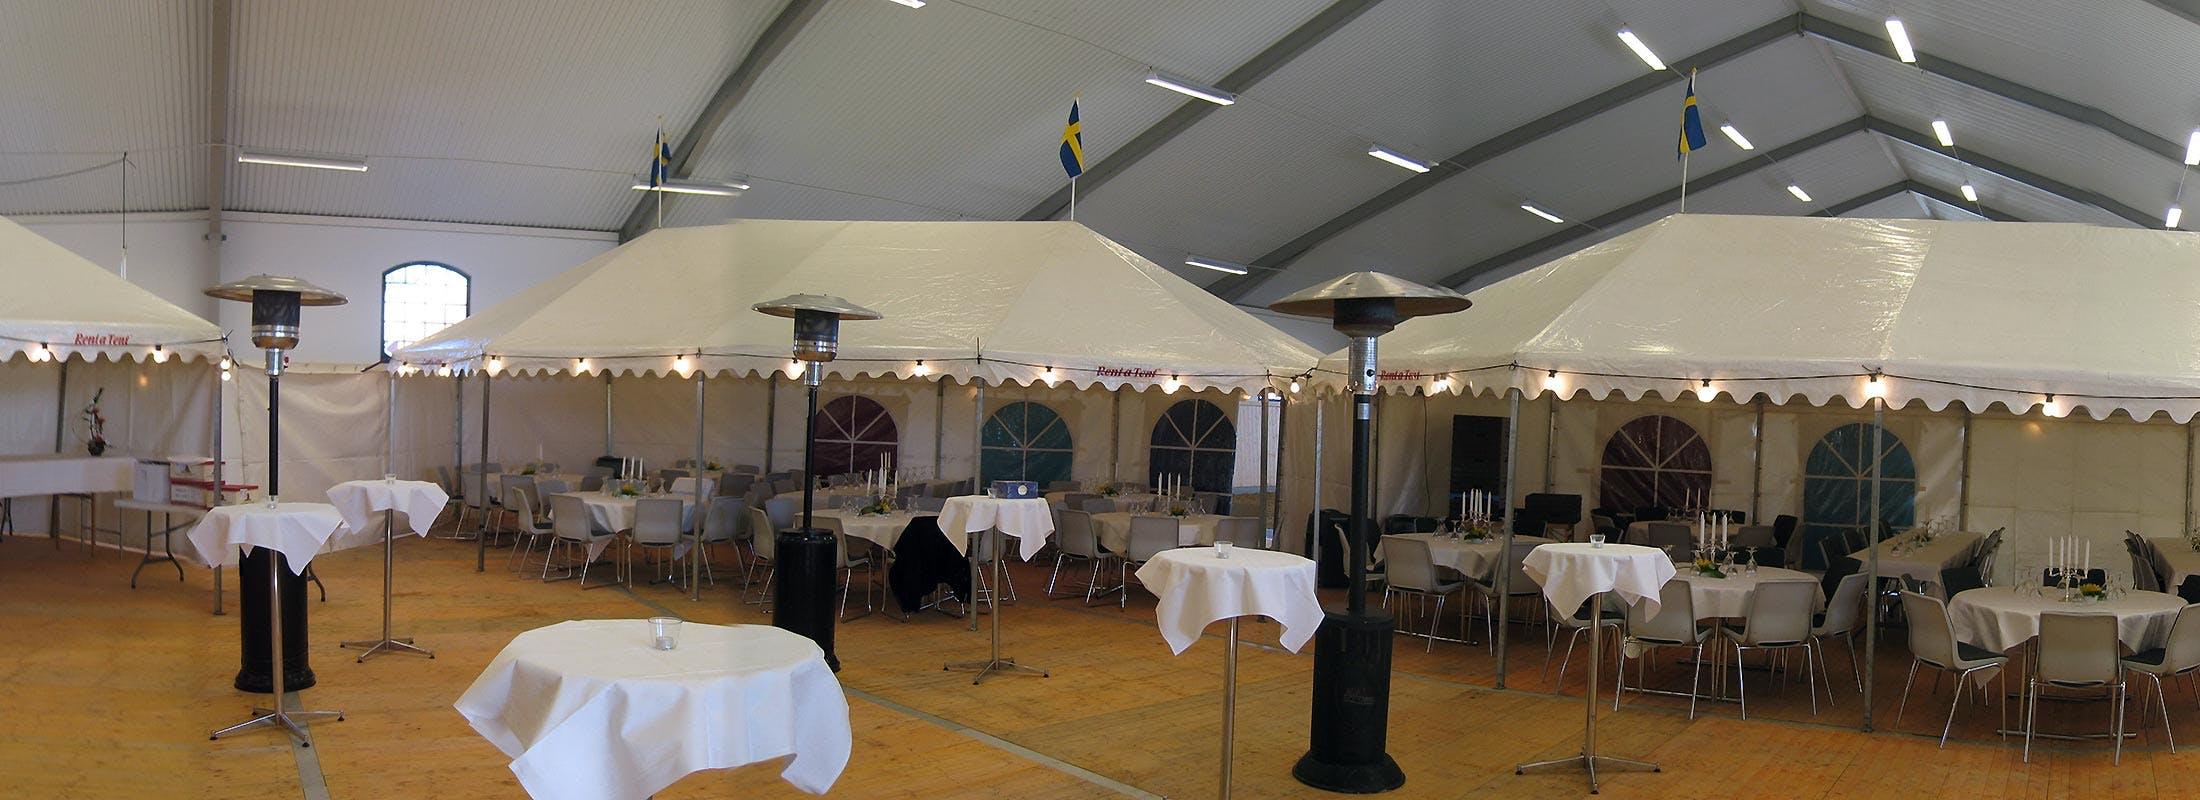 Hyra tält till Inomhuslösningar Rent a Tent Skaraborg